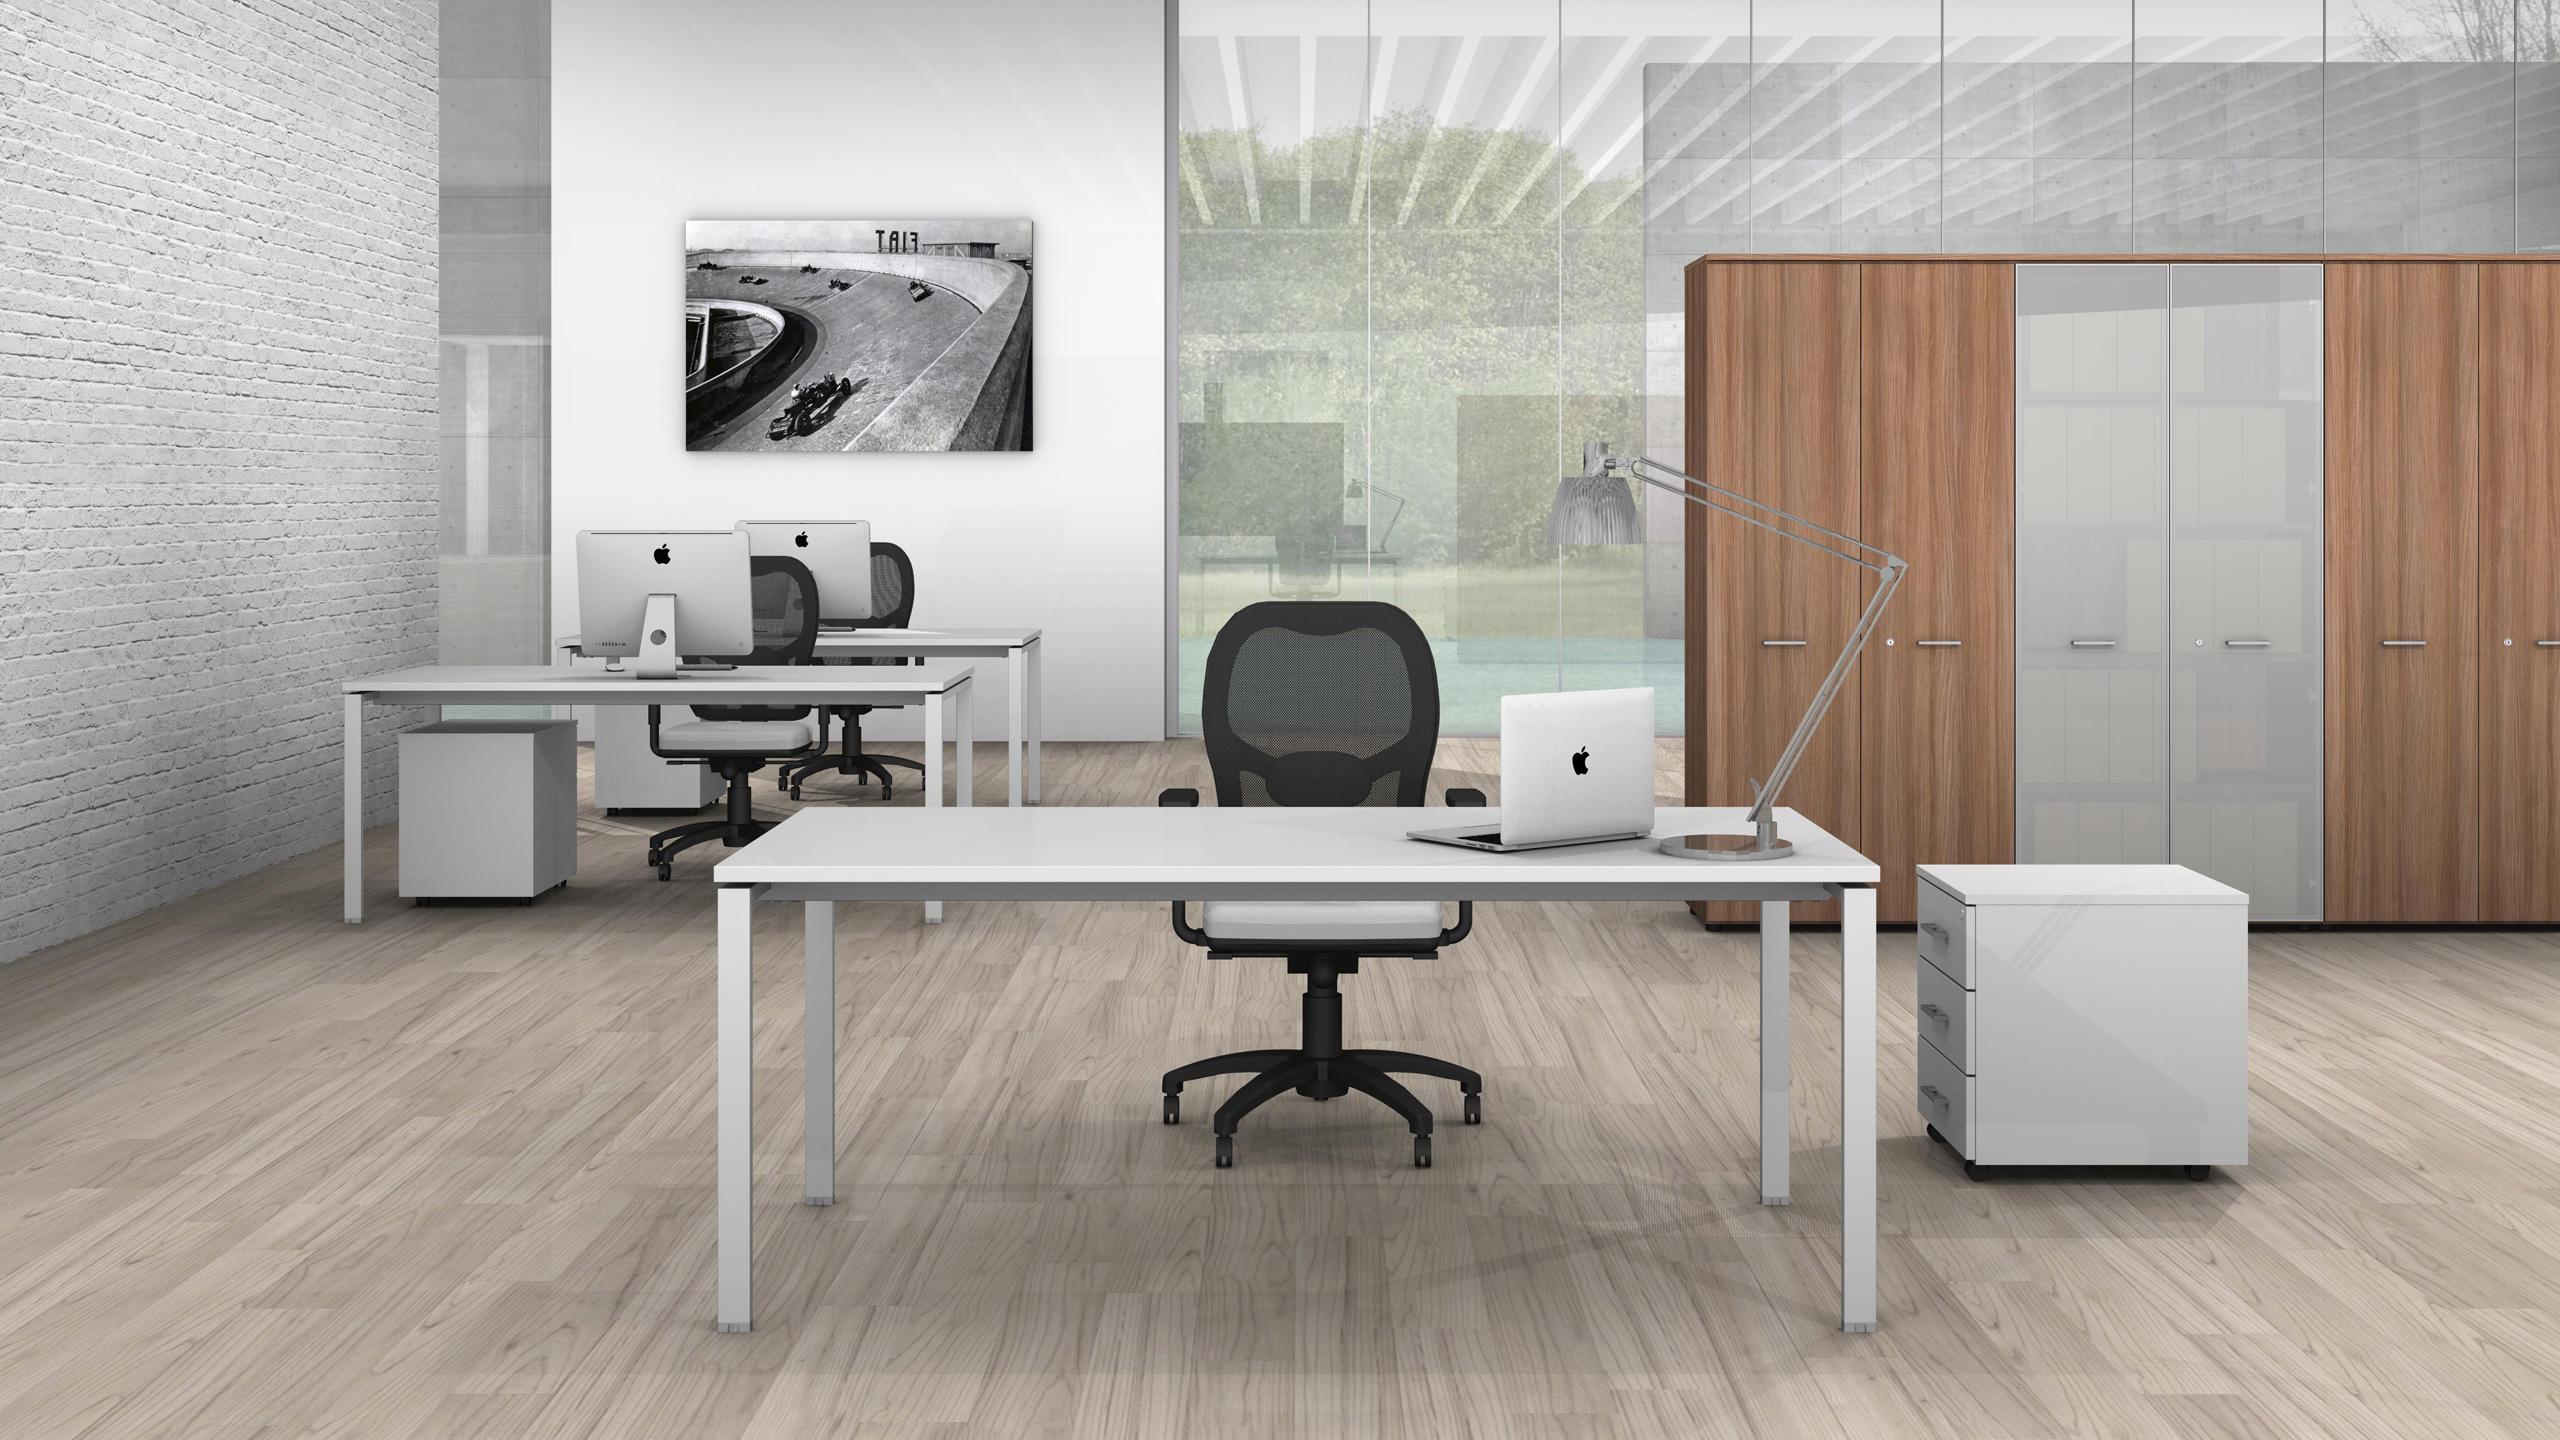 Mobili per ufficio napoli fumu for Design ufficio napoli